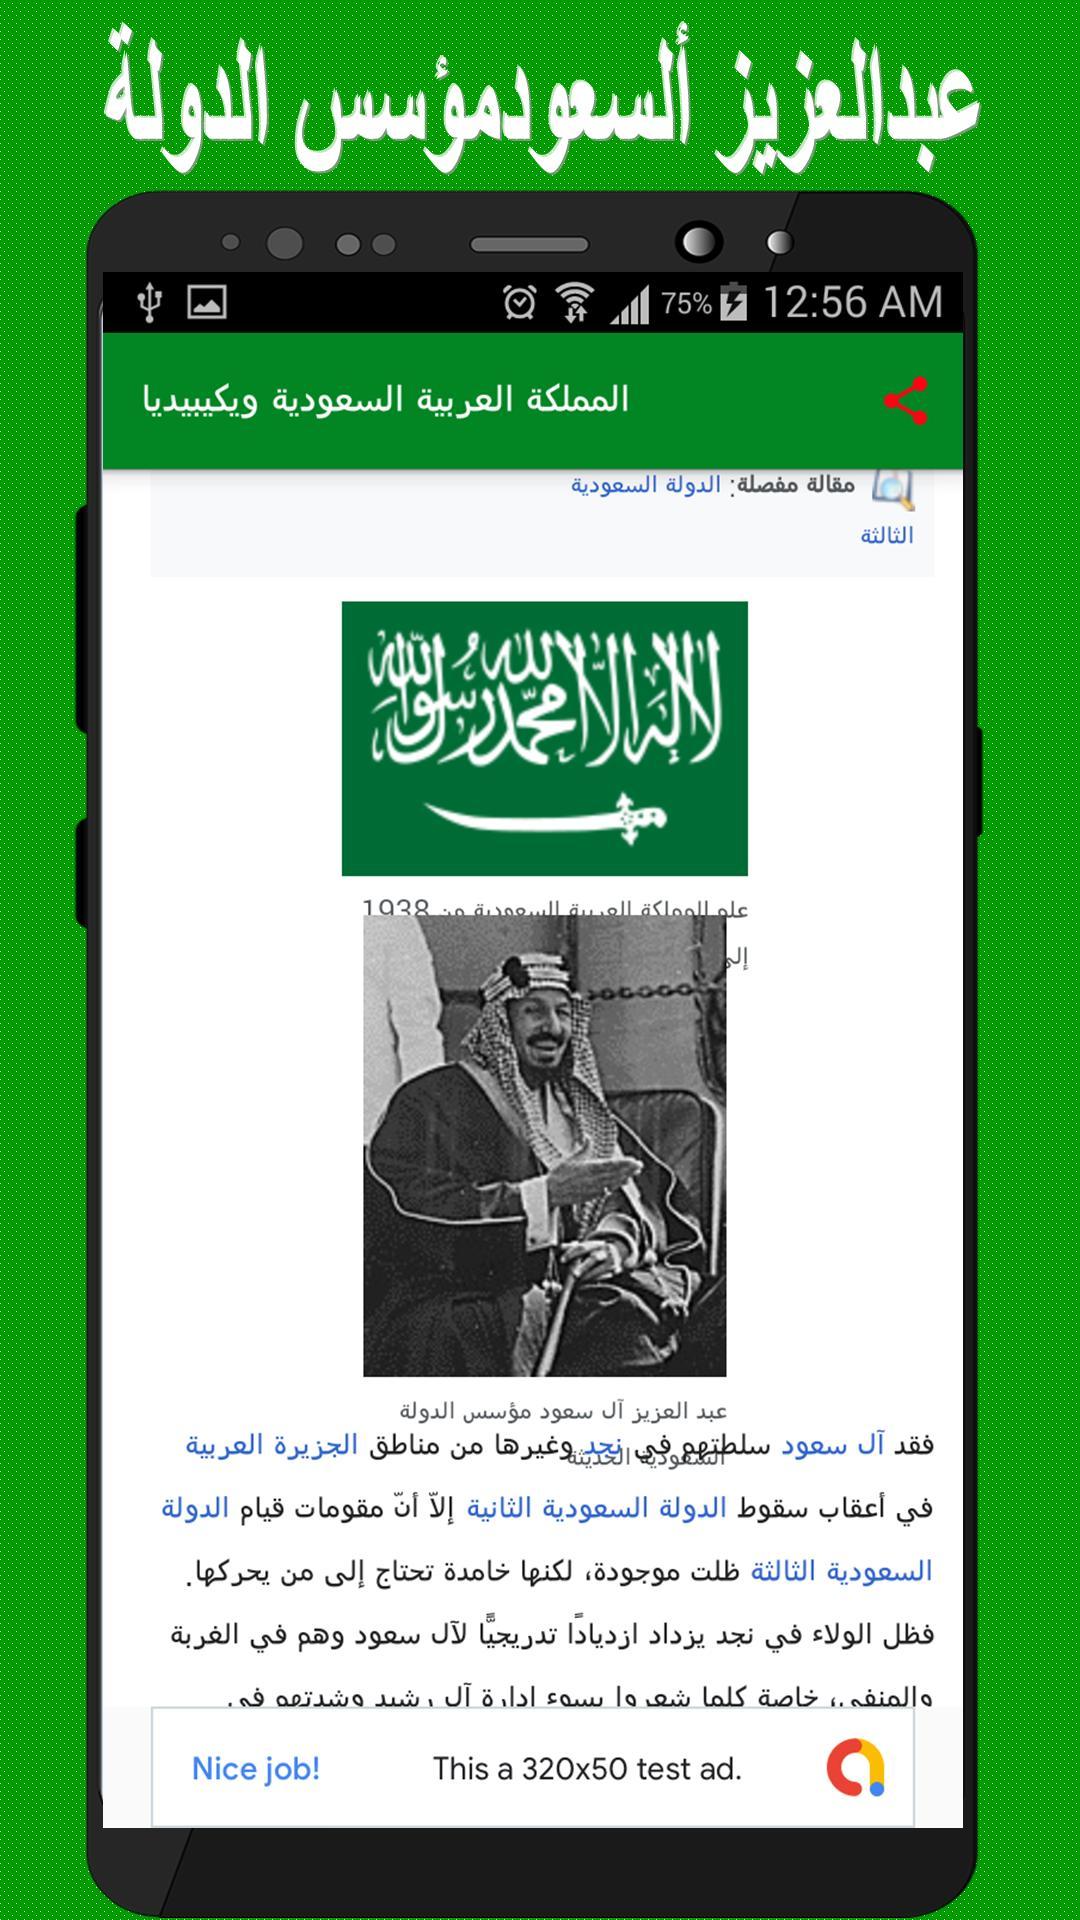 الدولة السعودية الأولى ويكيبيديا 8019851fadf Fitnesstubepro Com